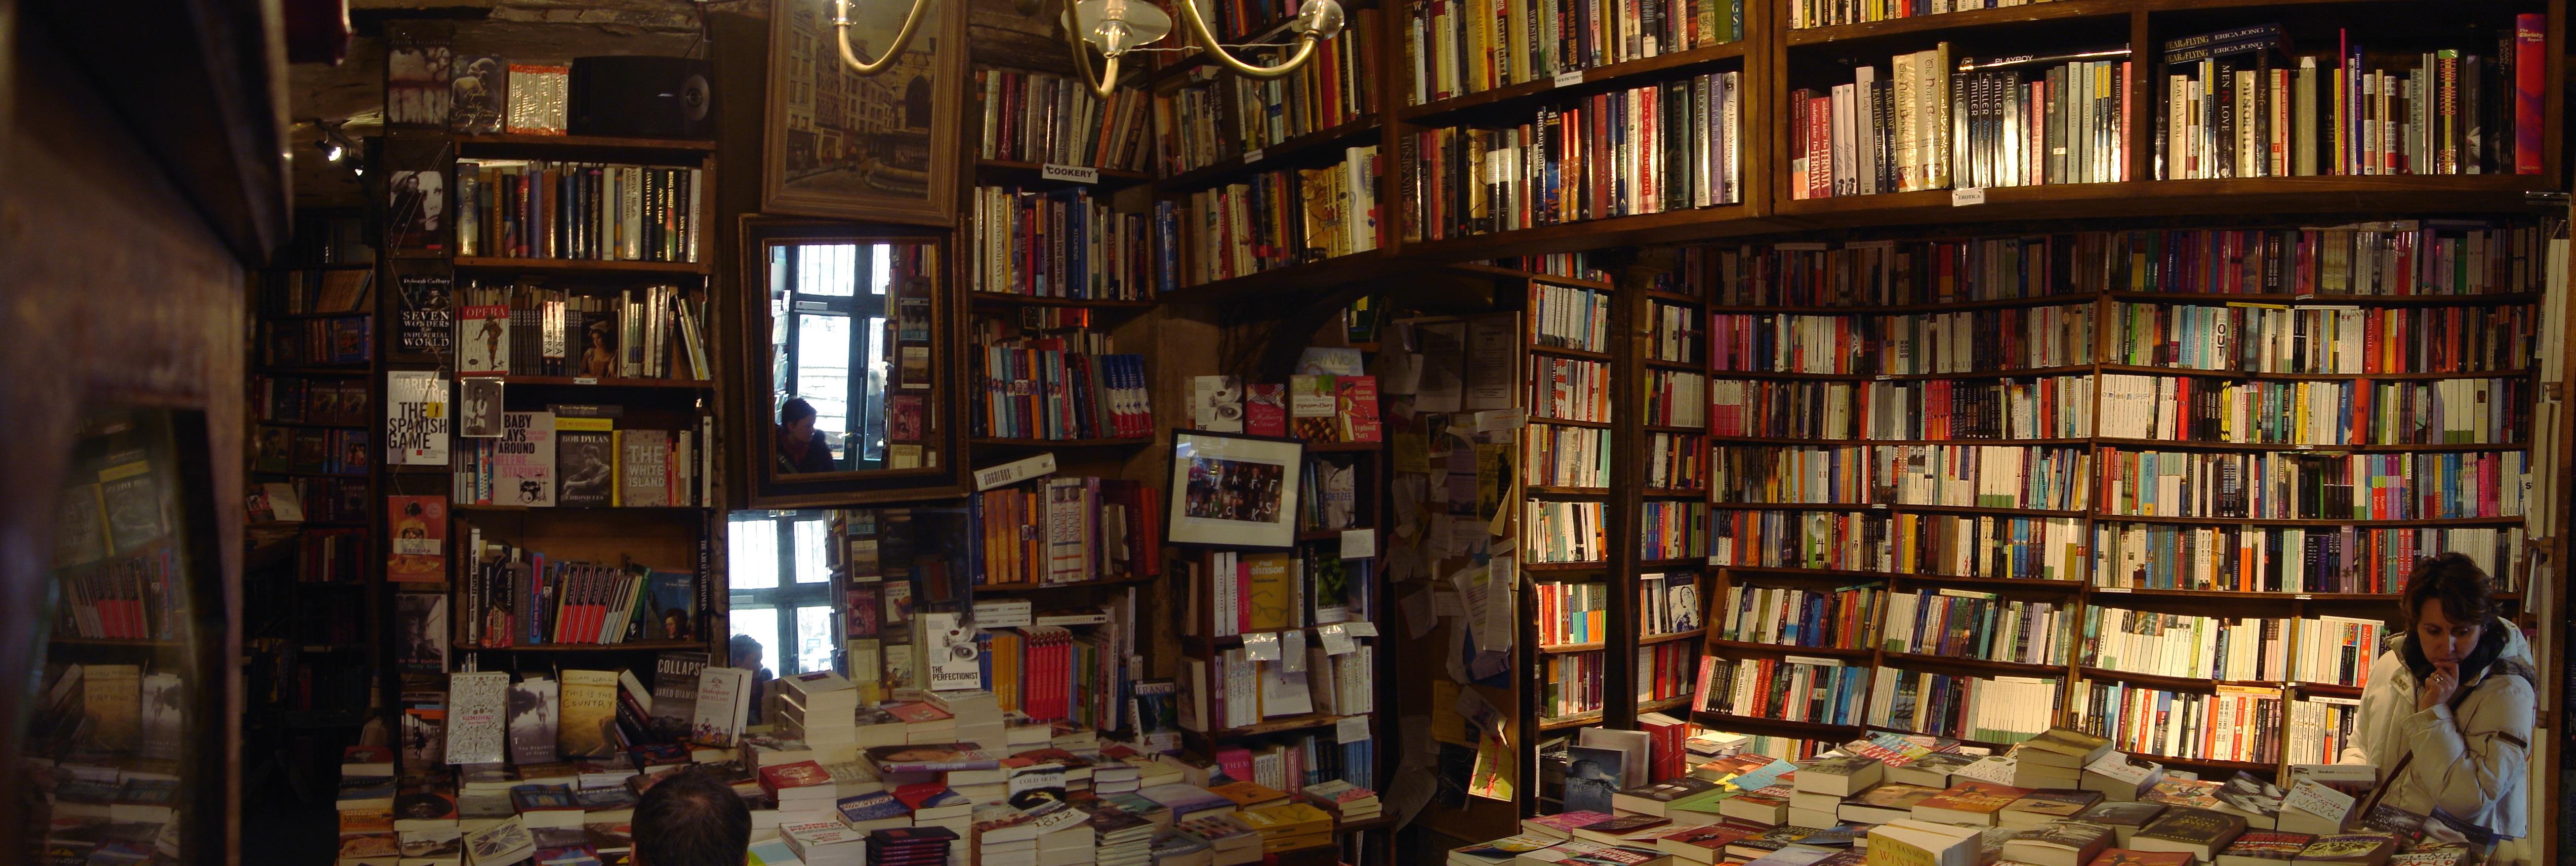 bookstore secrets01